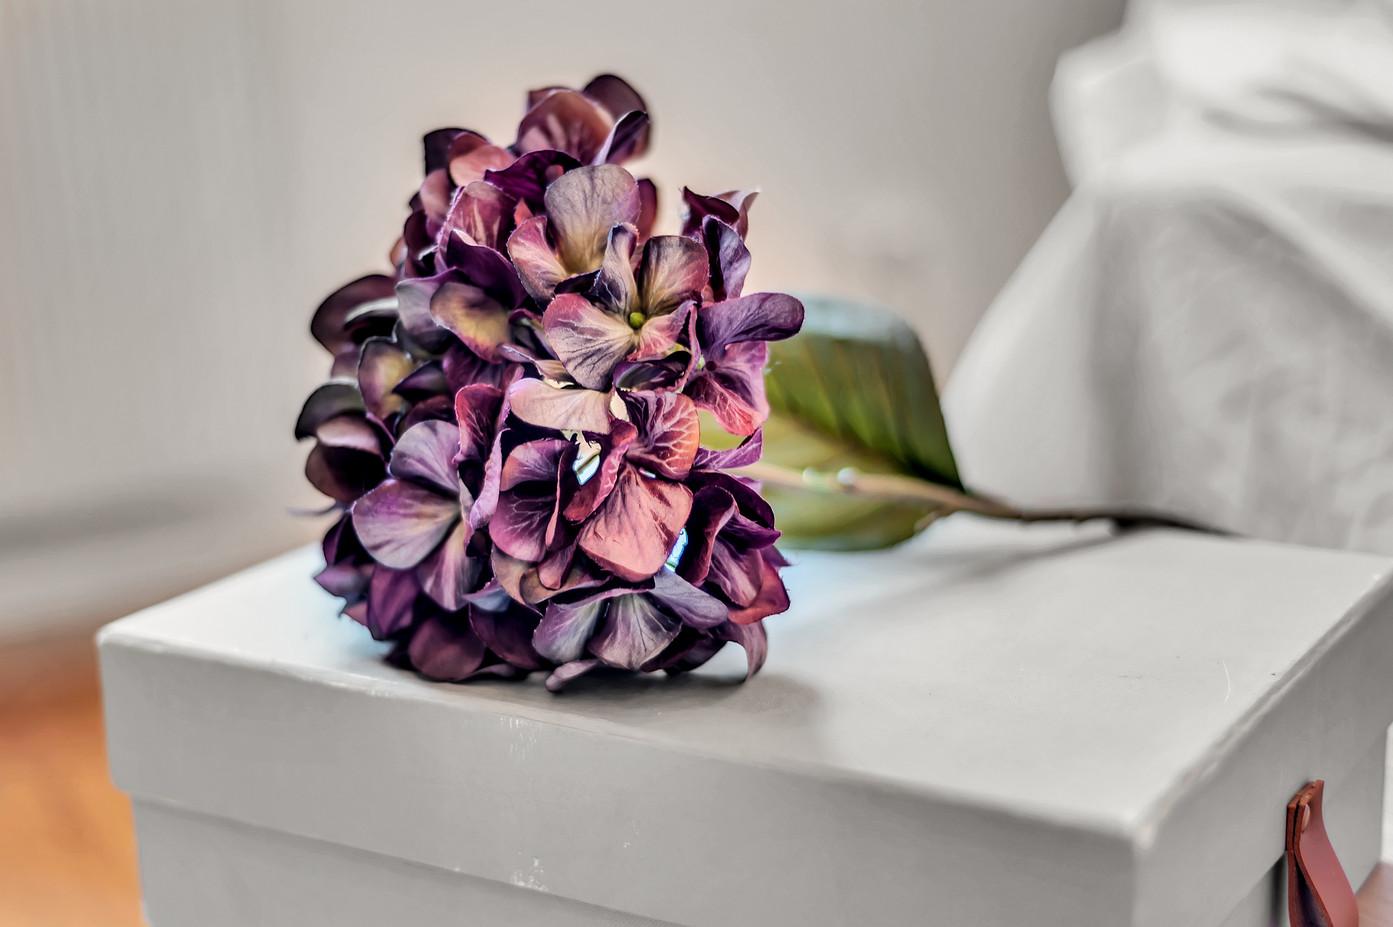 Blomster 002.jpg